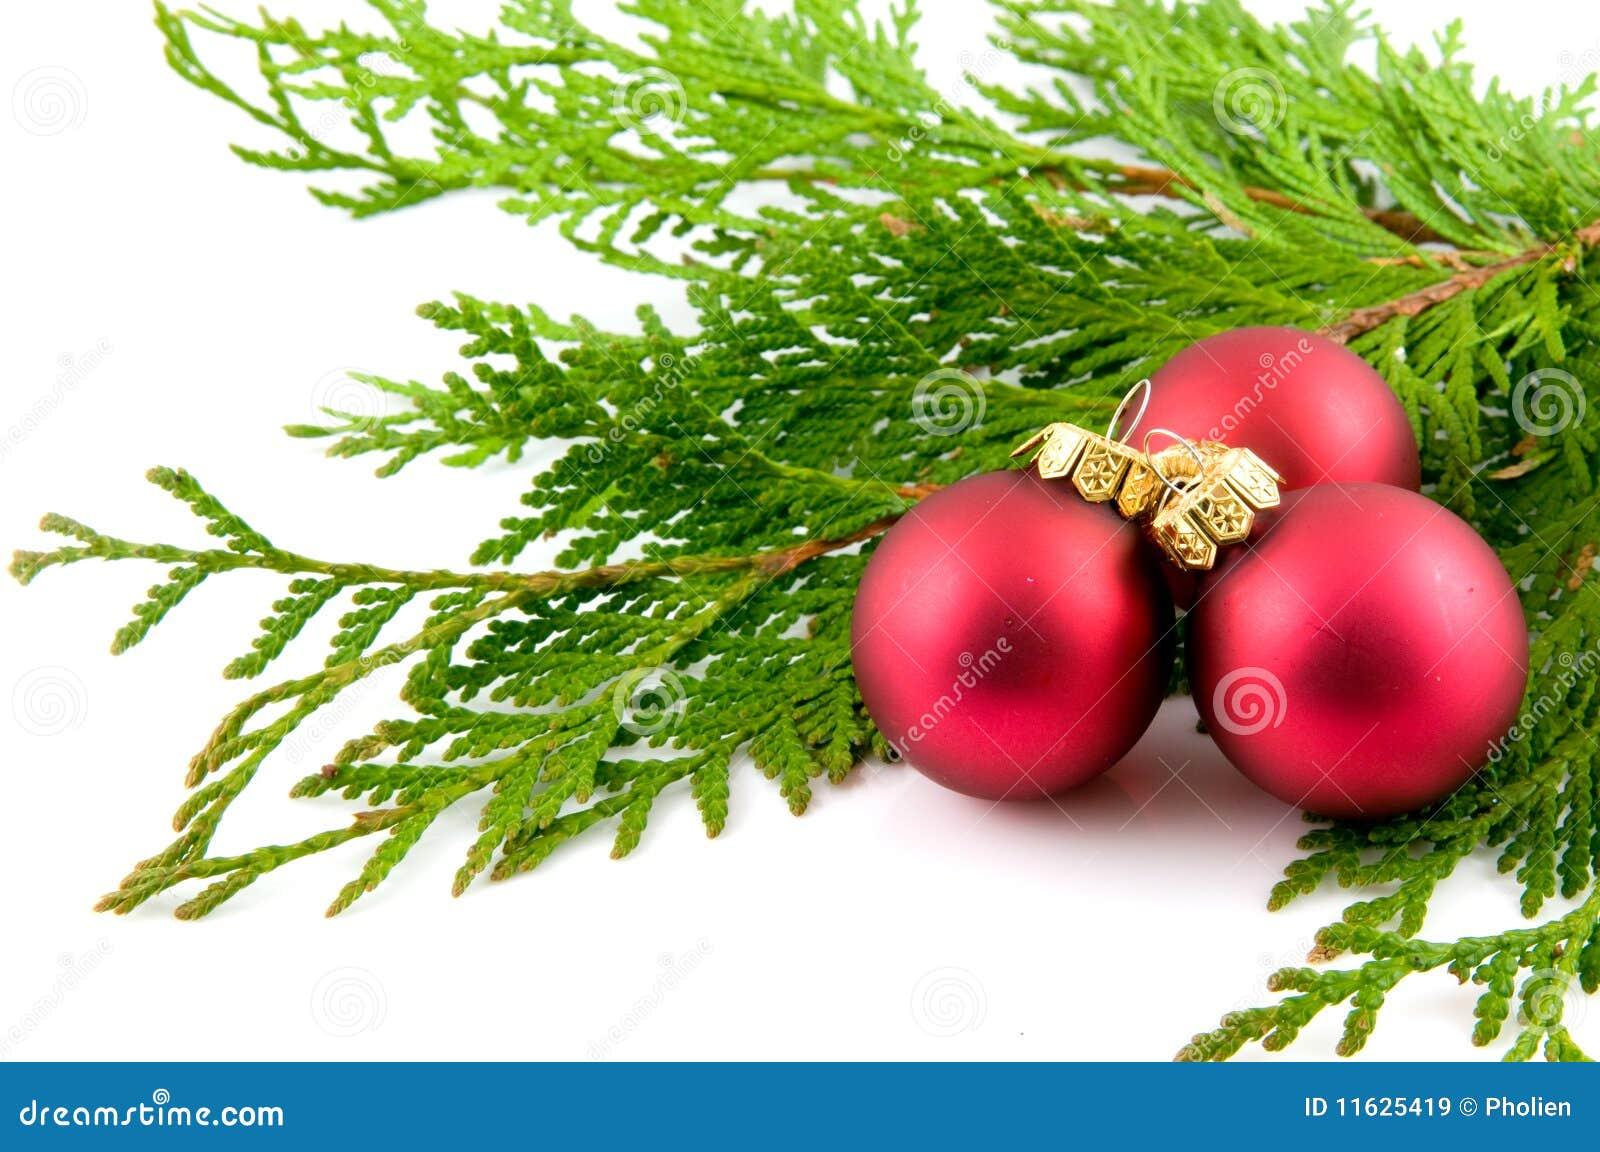 drei rote weihnachtskugeln mit zweigen stockbild bild. Black Bedroom Furniture Sets. Home Design Ideas